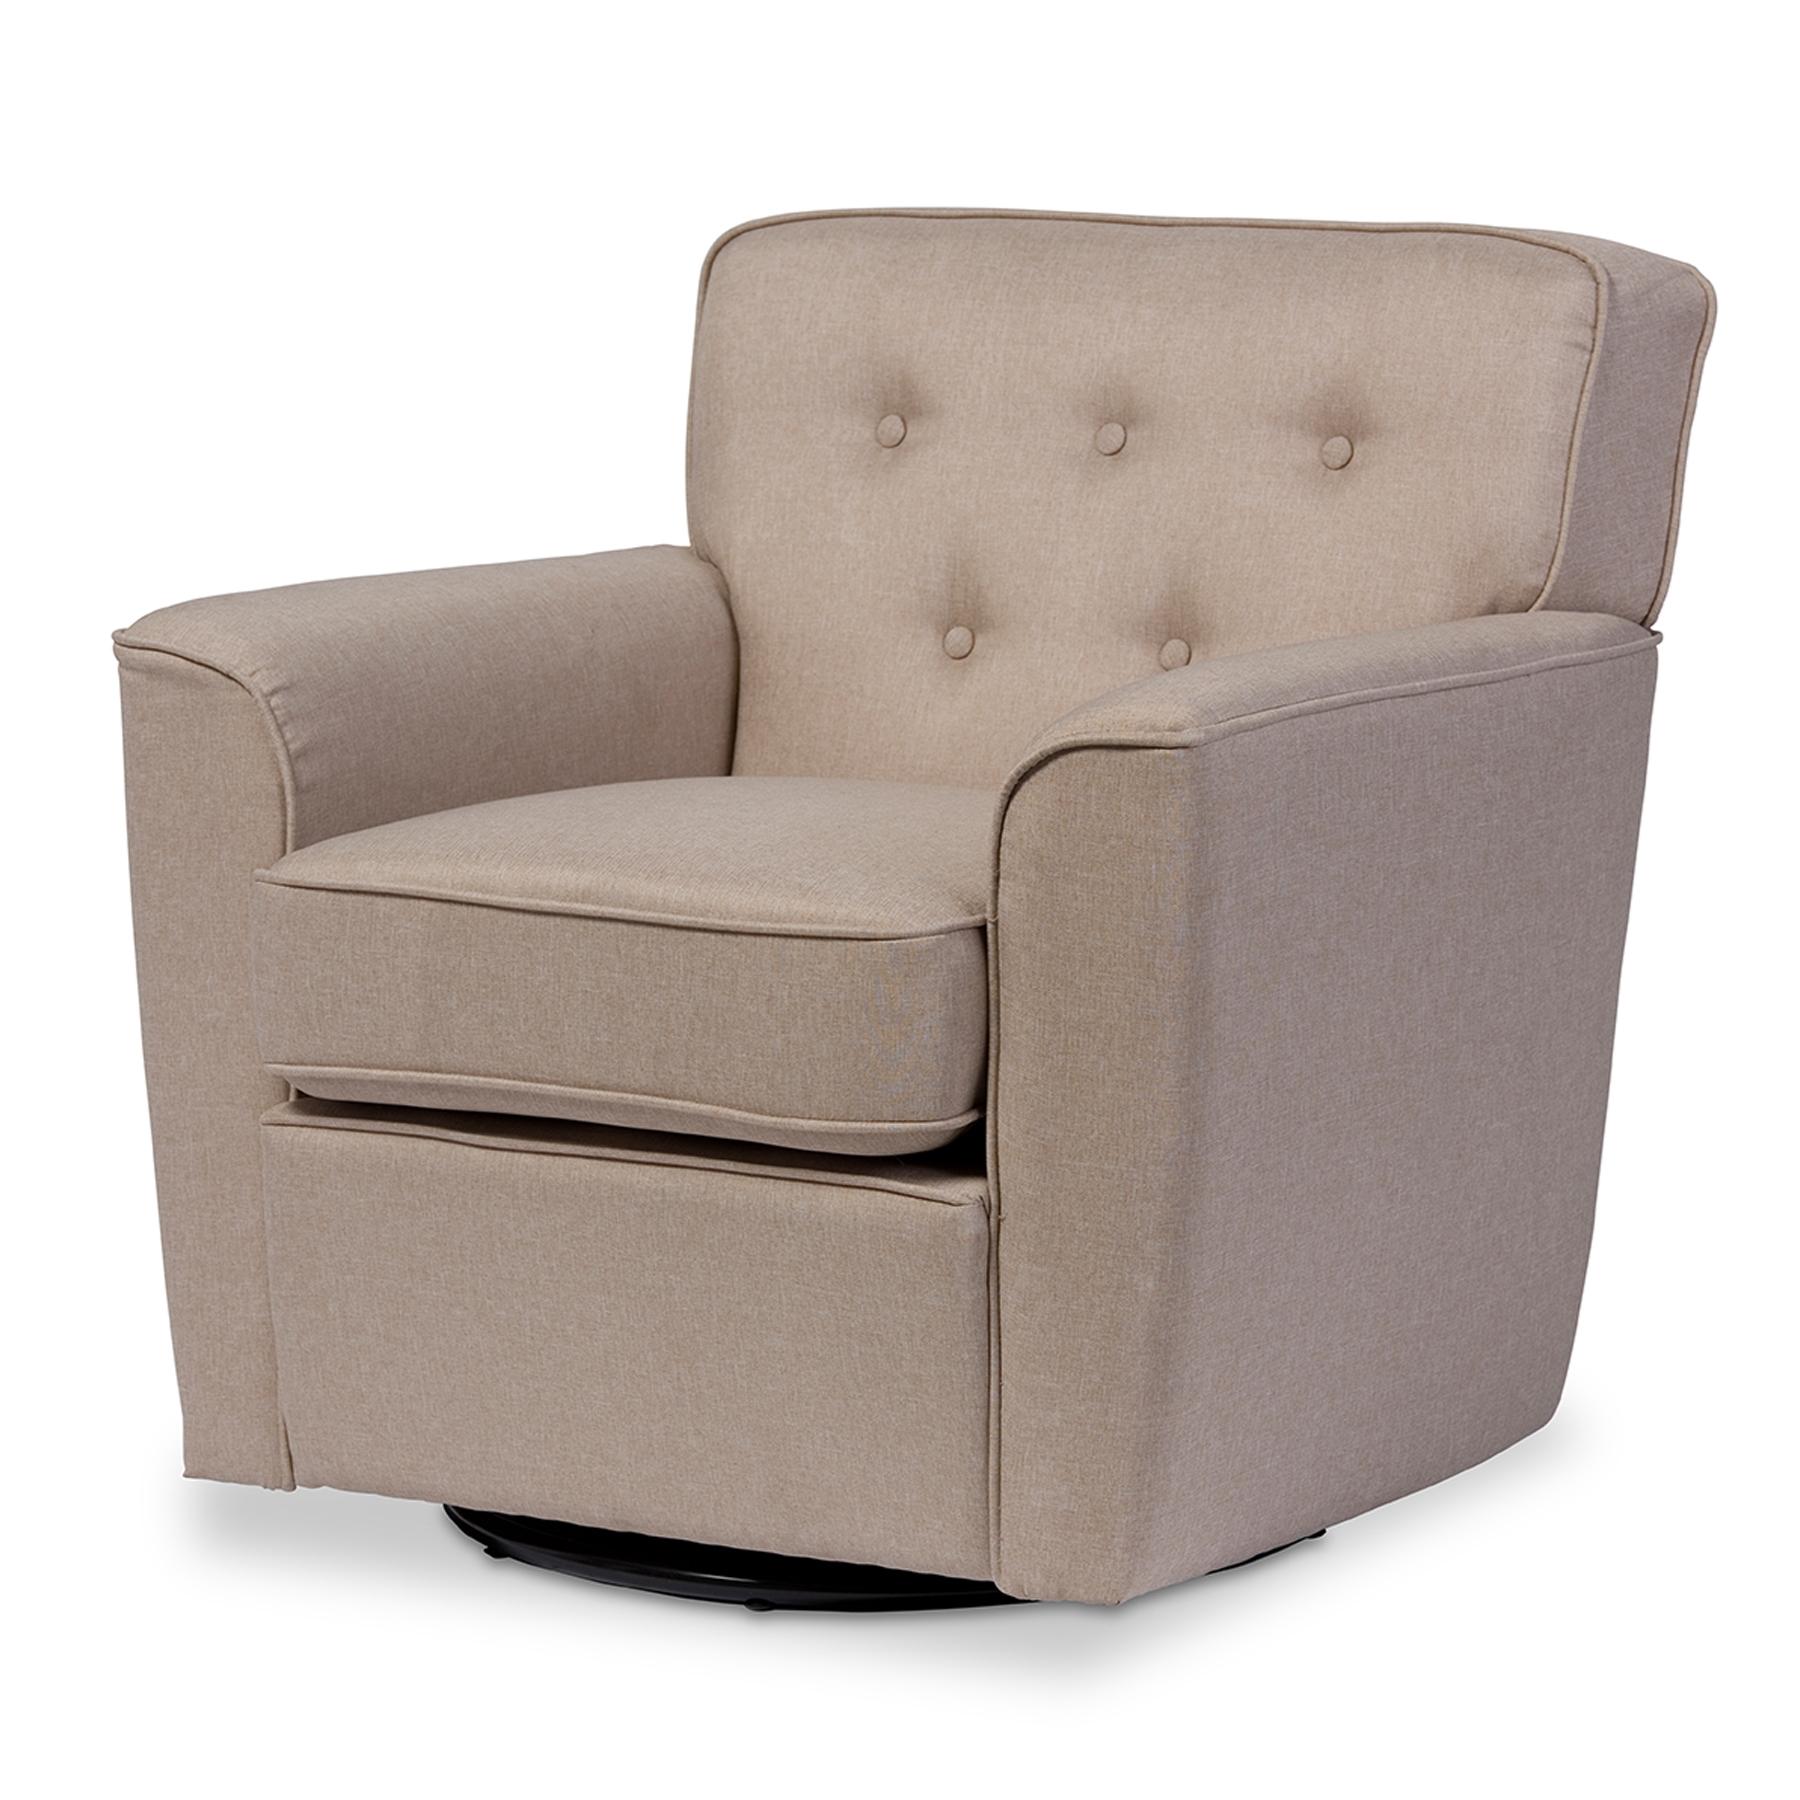 Baxton Studio   Wholesale Accent Chair   Wholesale Living Room Furniture   Baxton  Studio Furniture